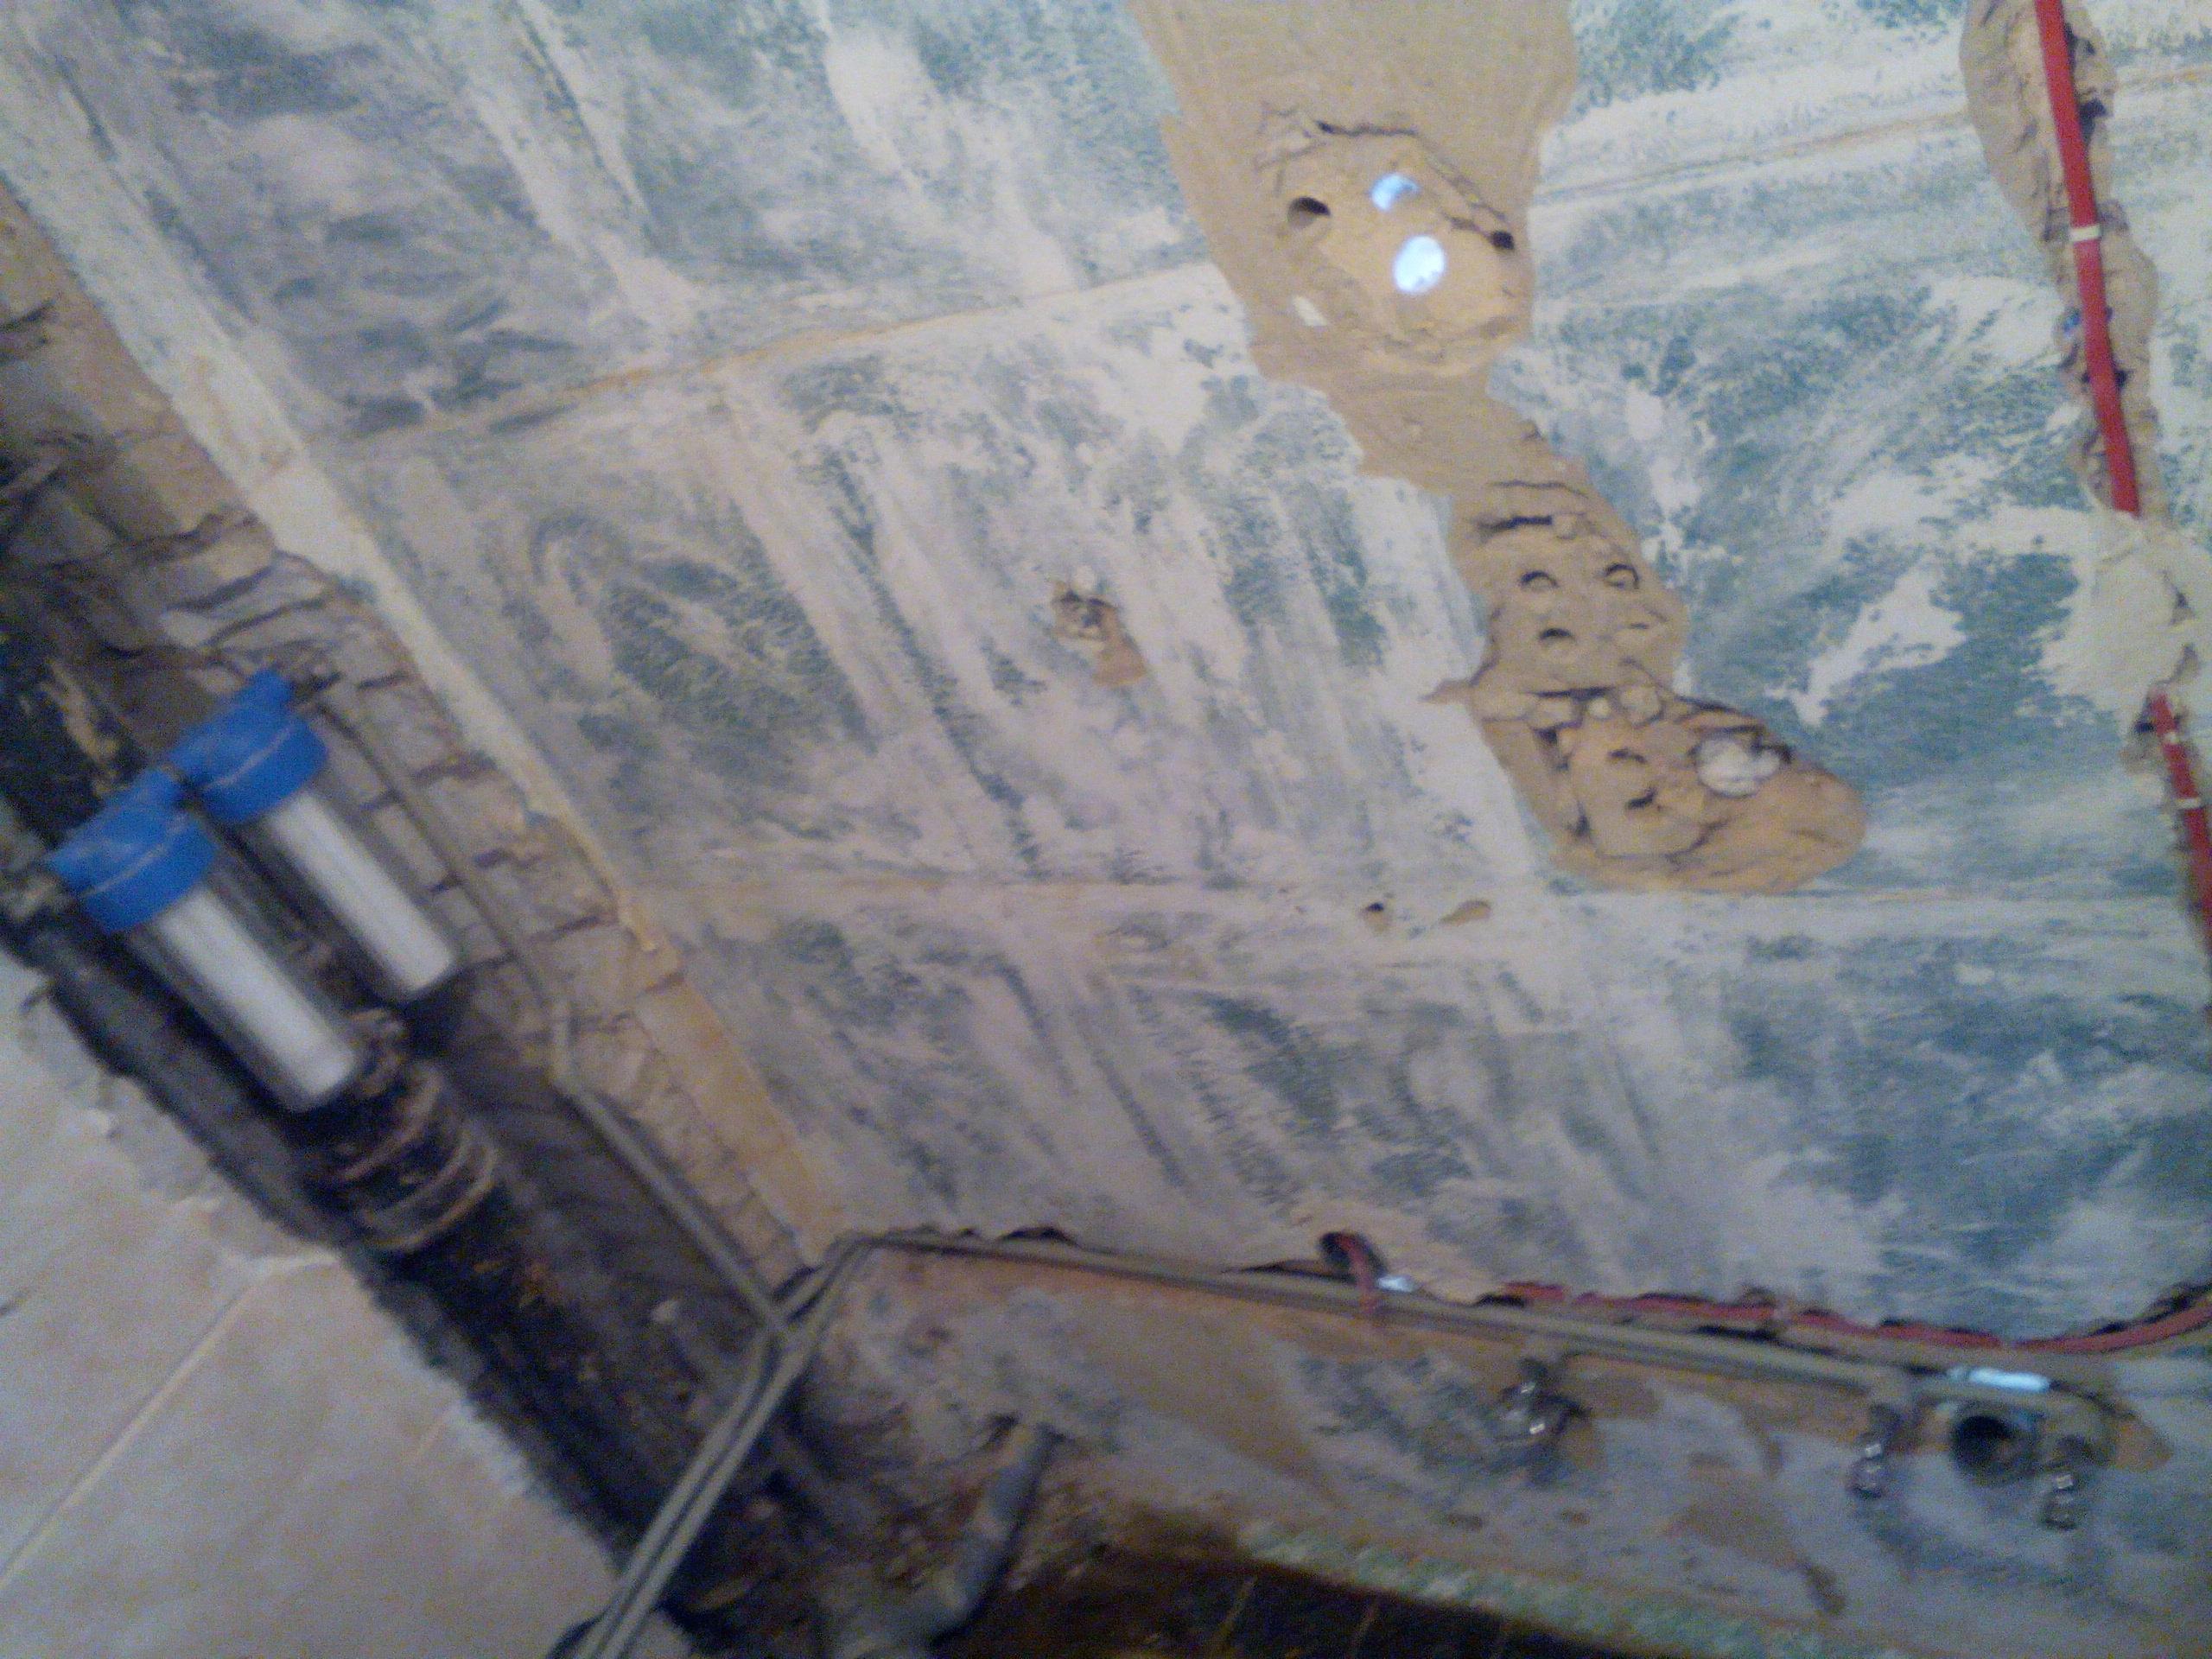 монтаж водопровода в квартире город Борисполь.